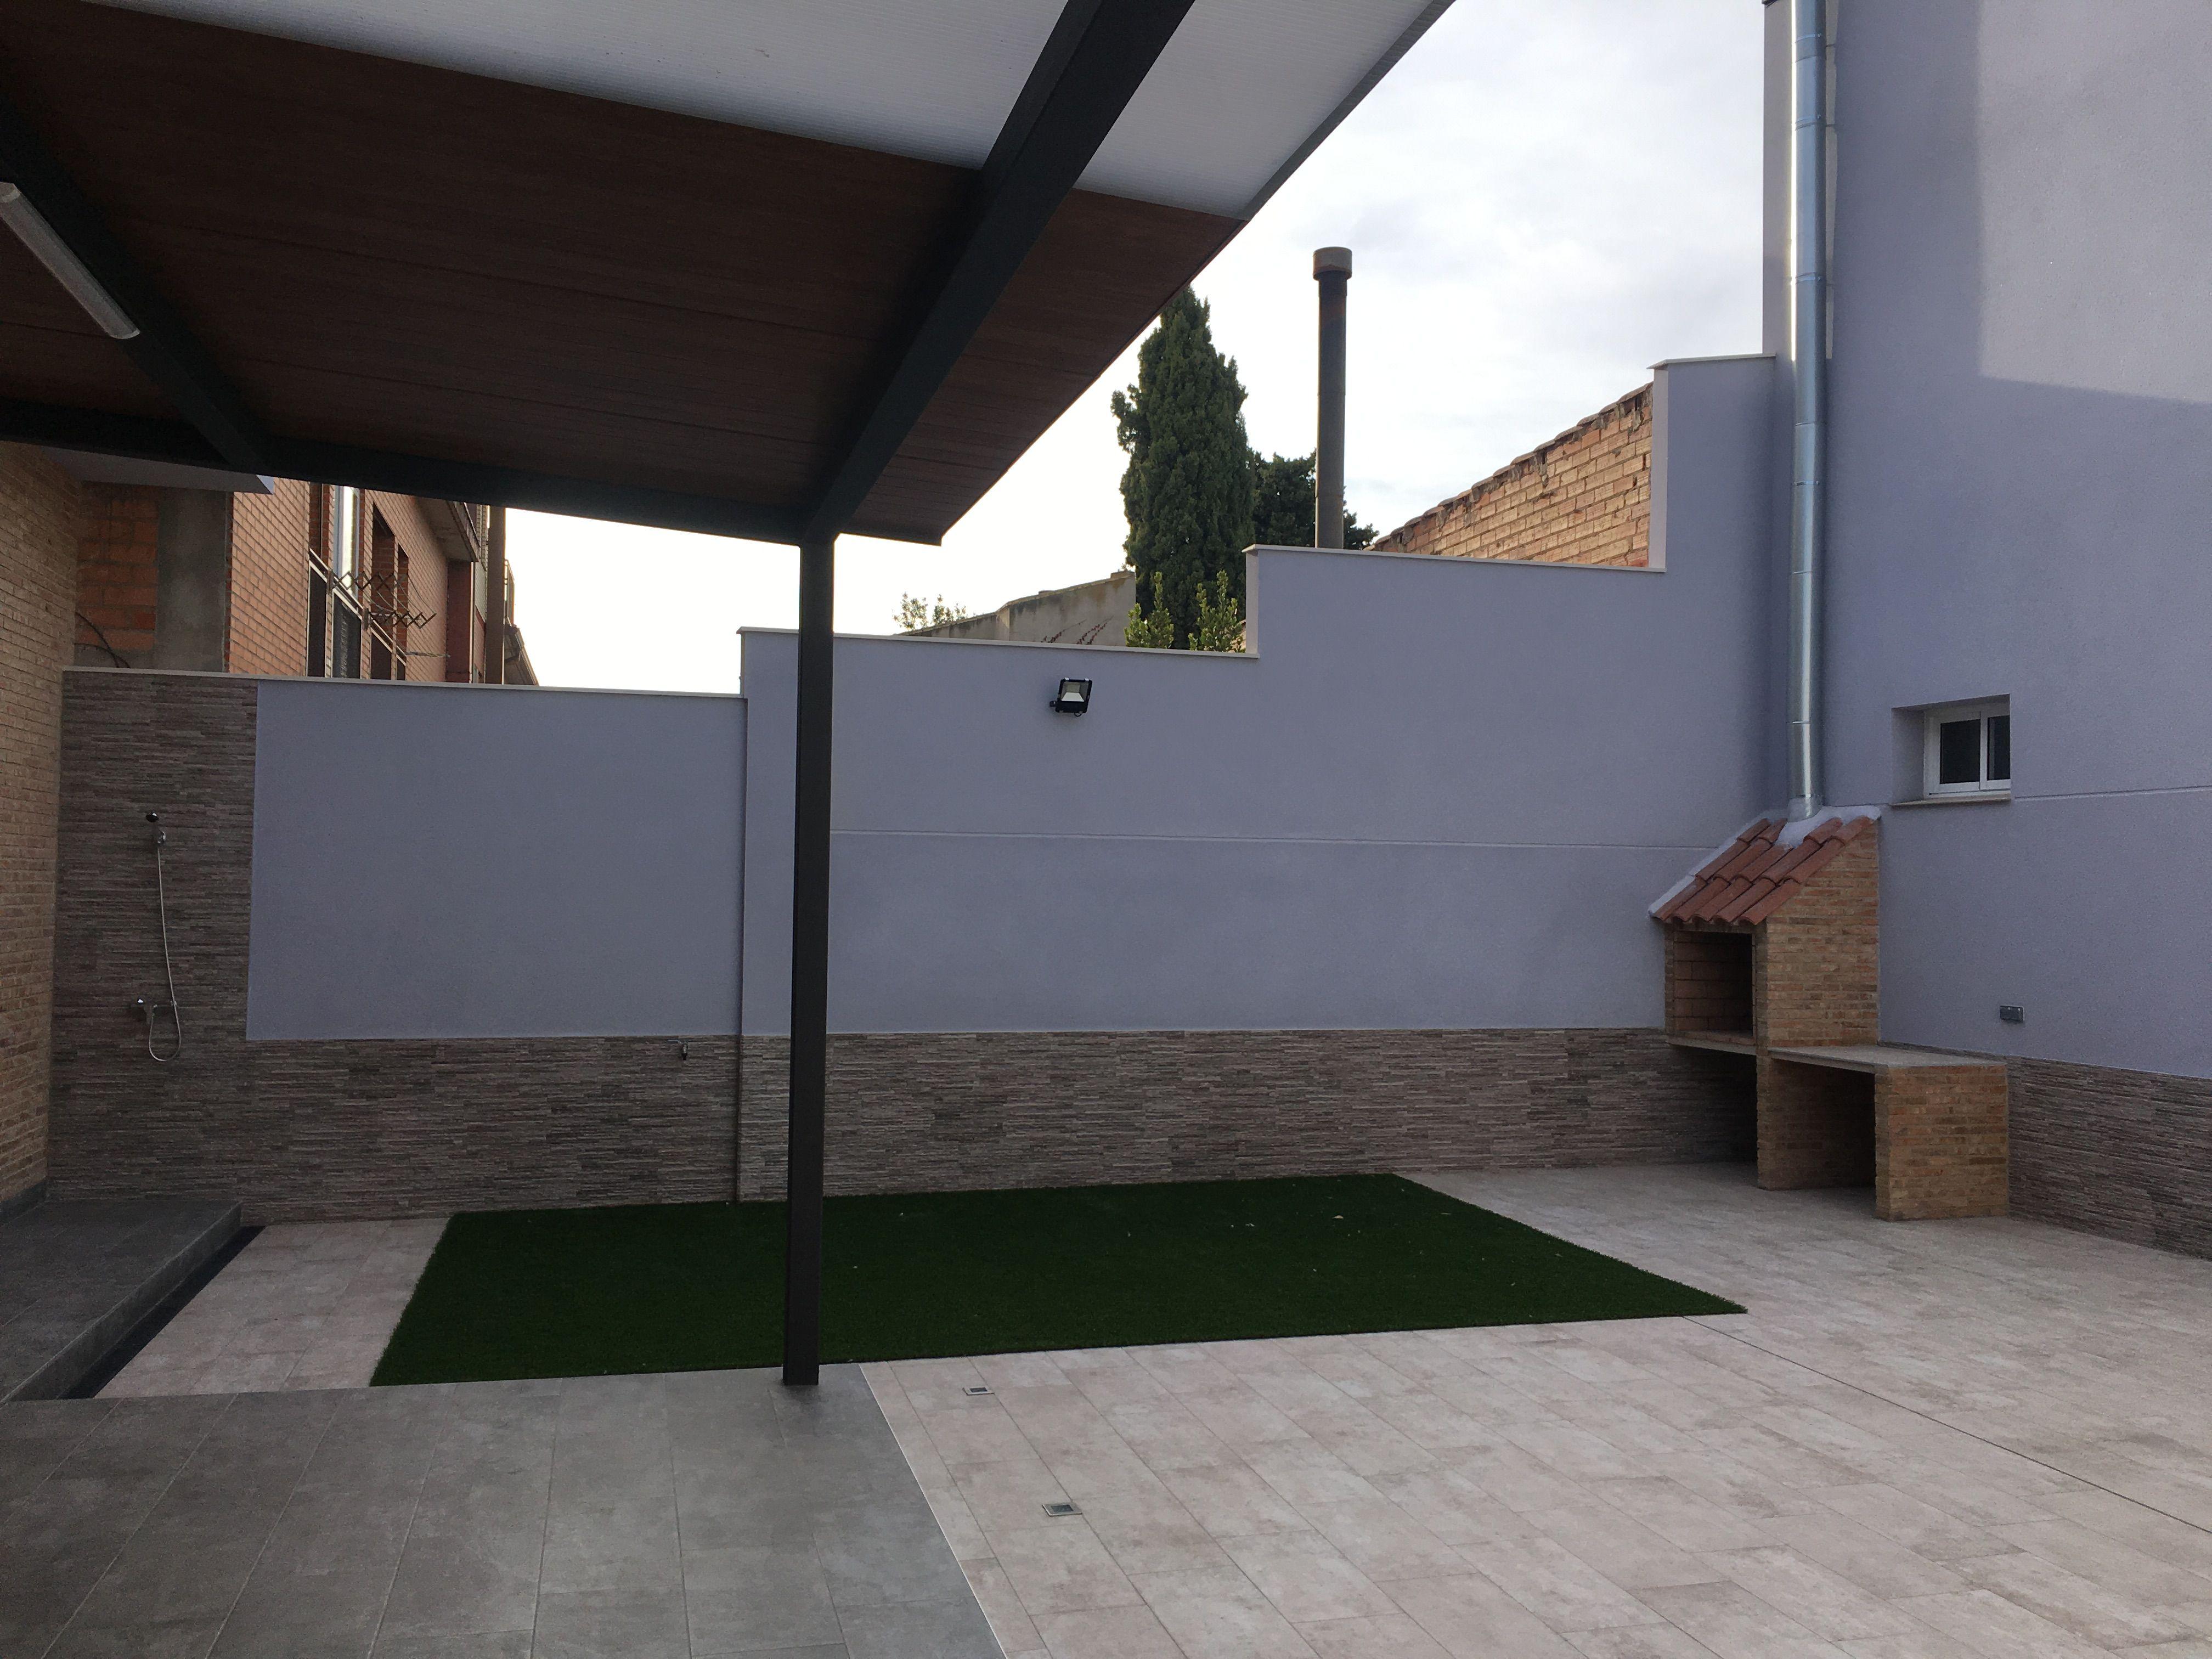 Foto 31 de Reformas integrales para empresas y particulares en Alagón | Construcciones David Rodríguez